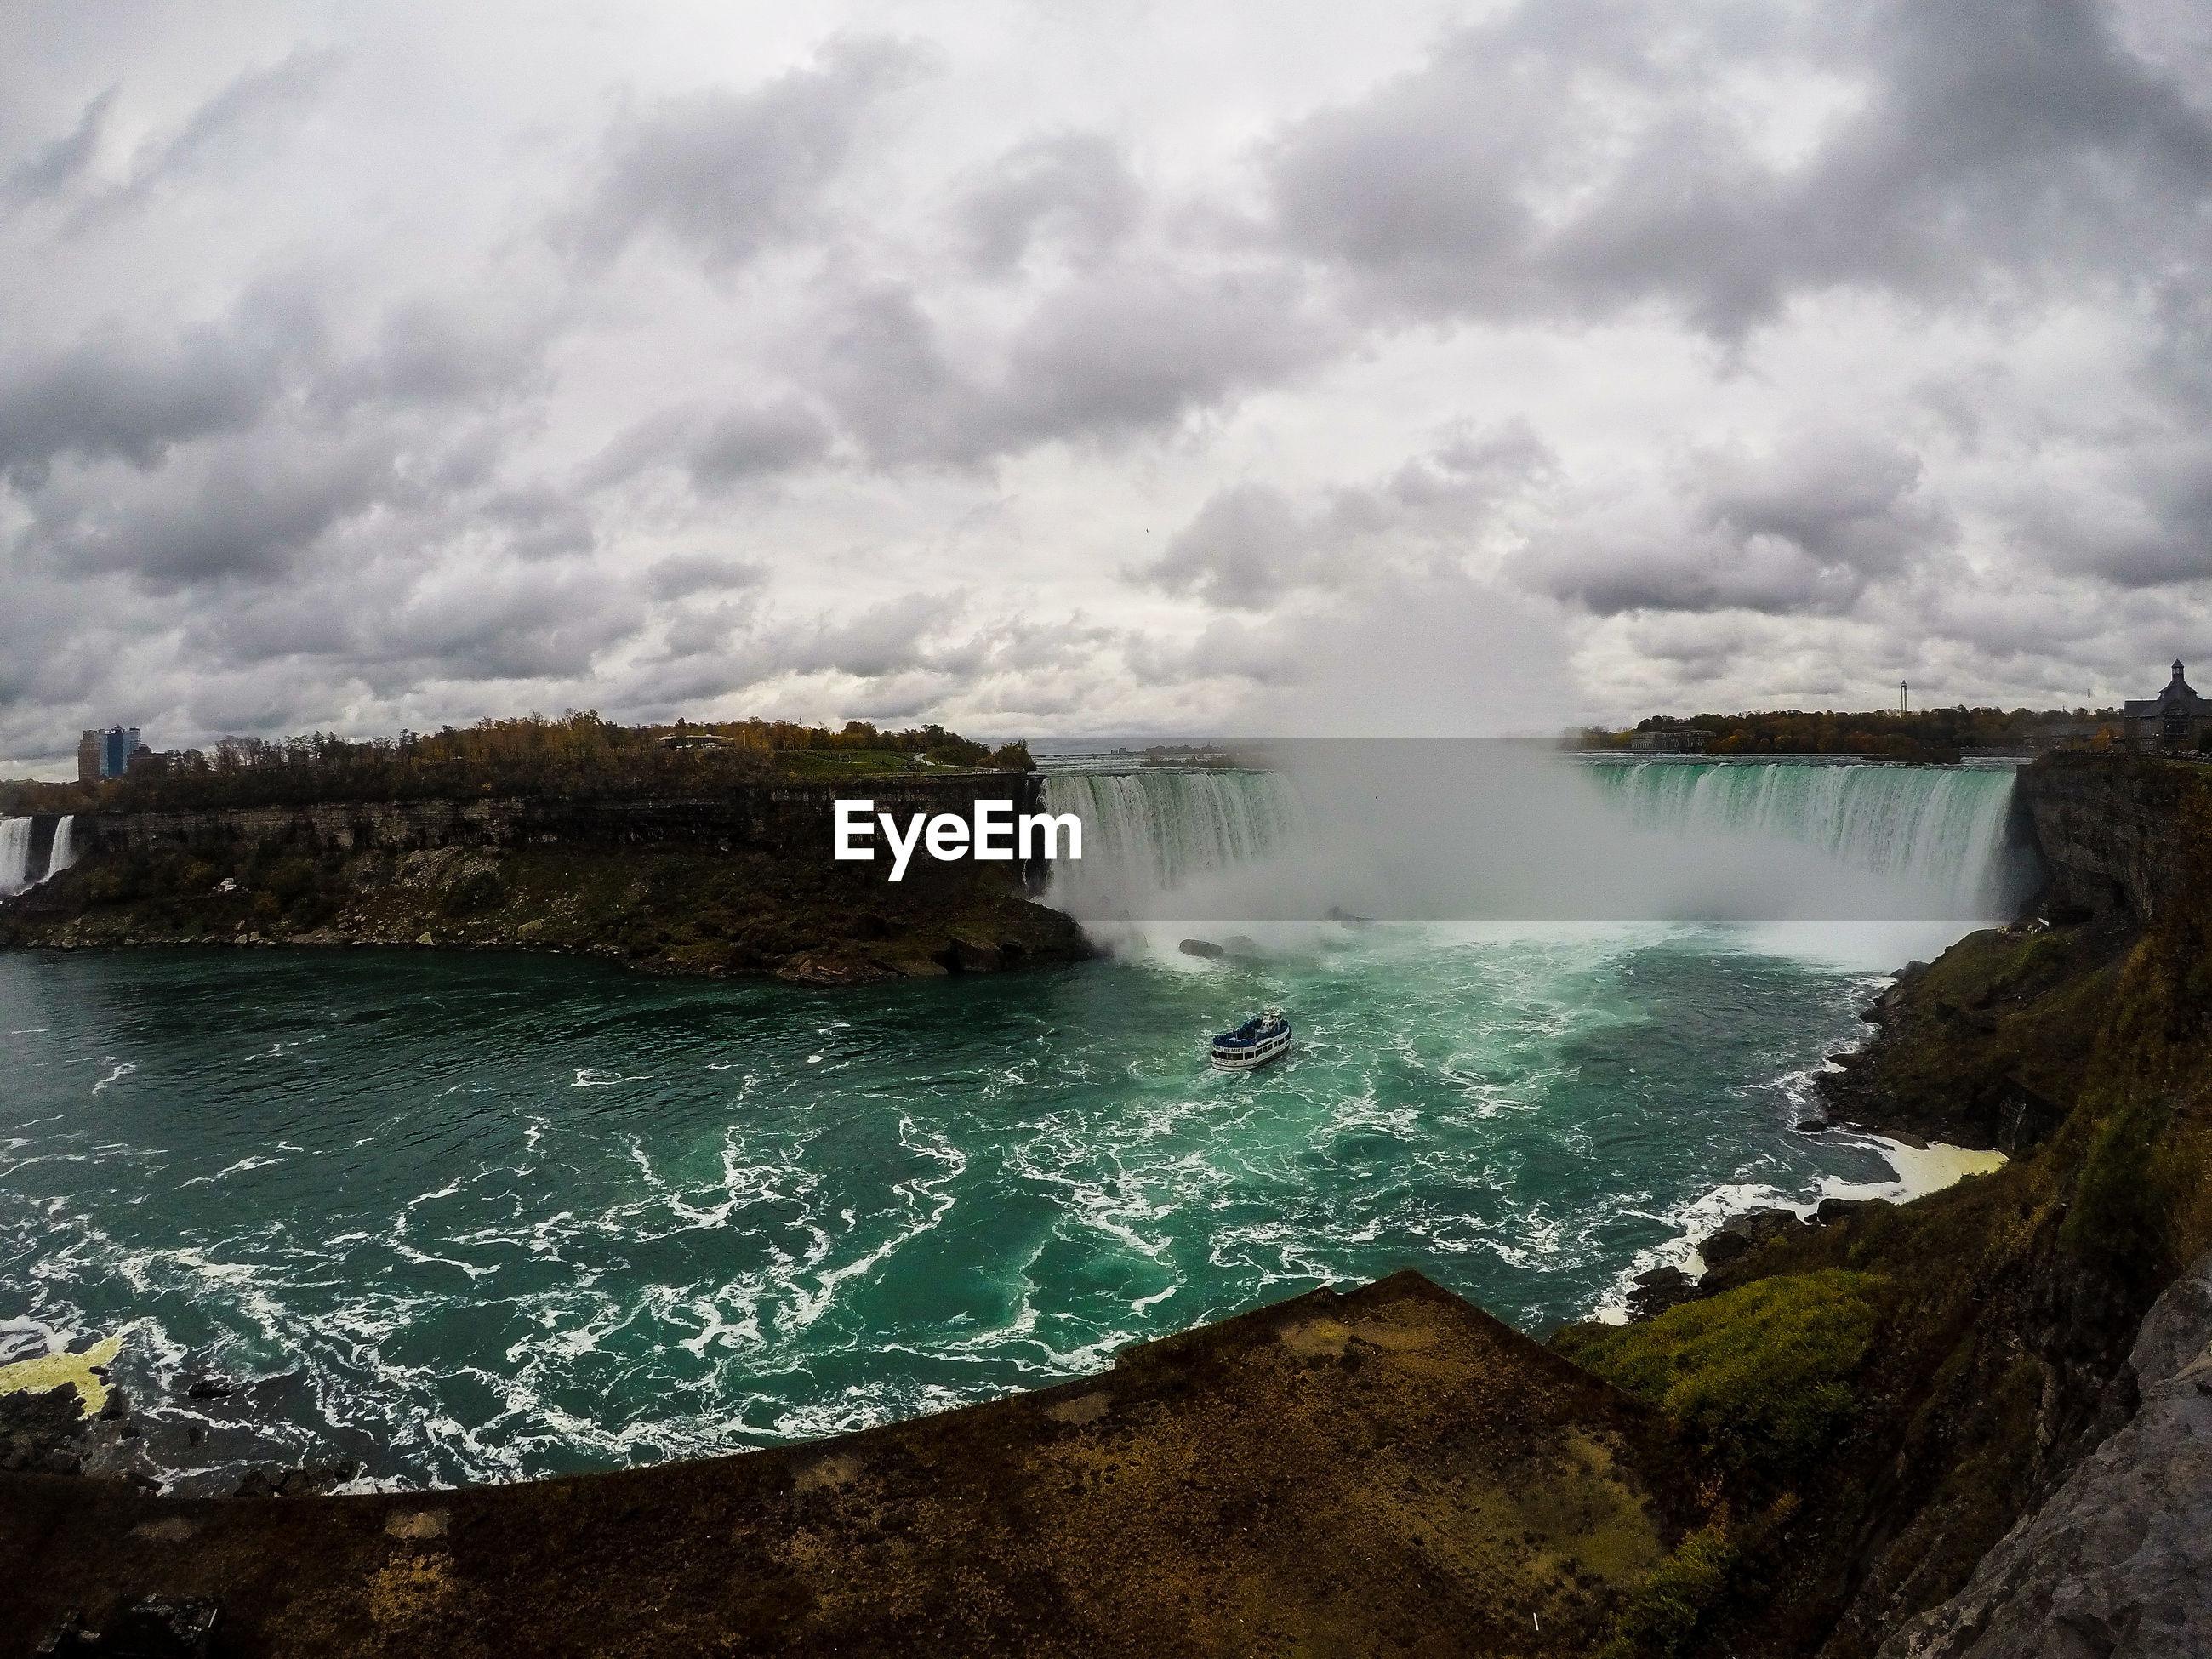 PANORAMIC SHOT OF SEA AGAINST SKY